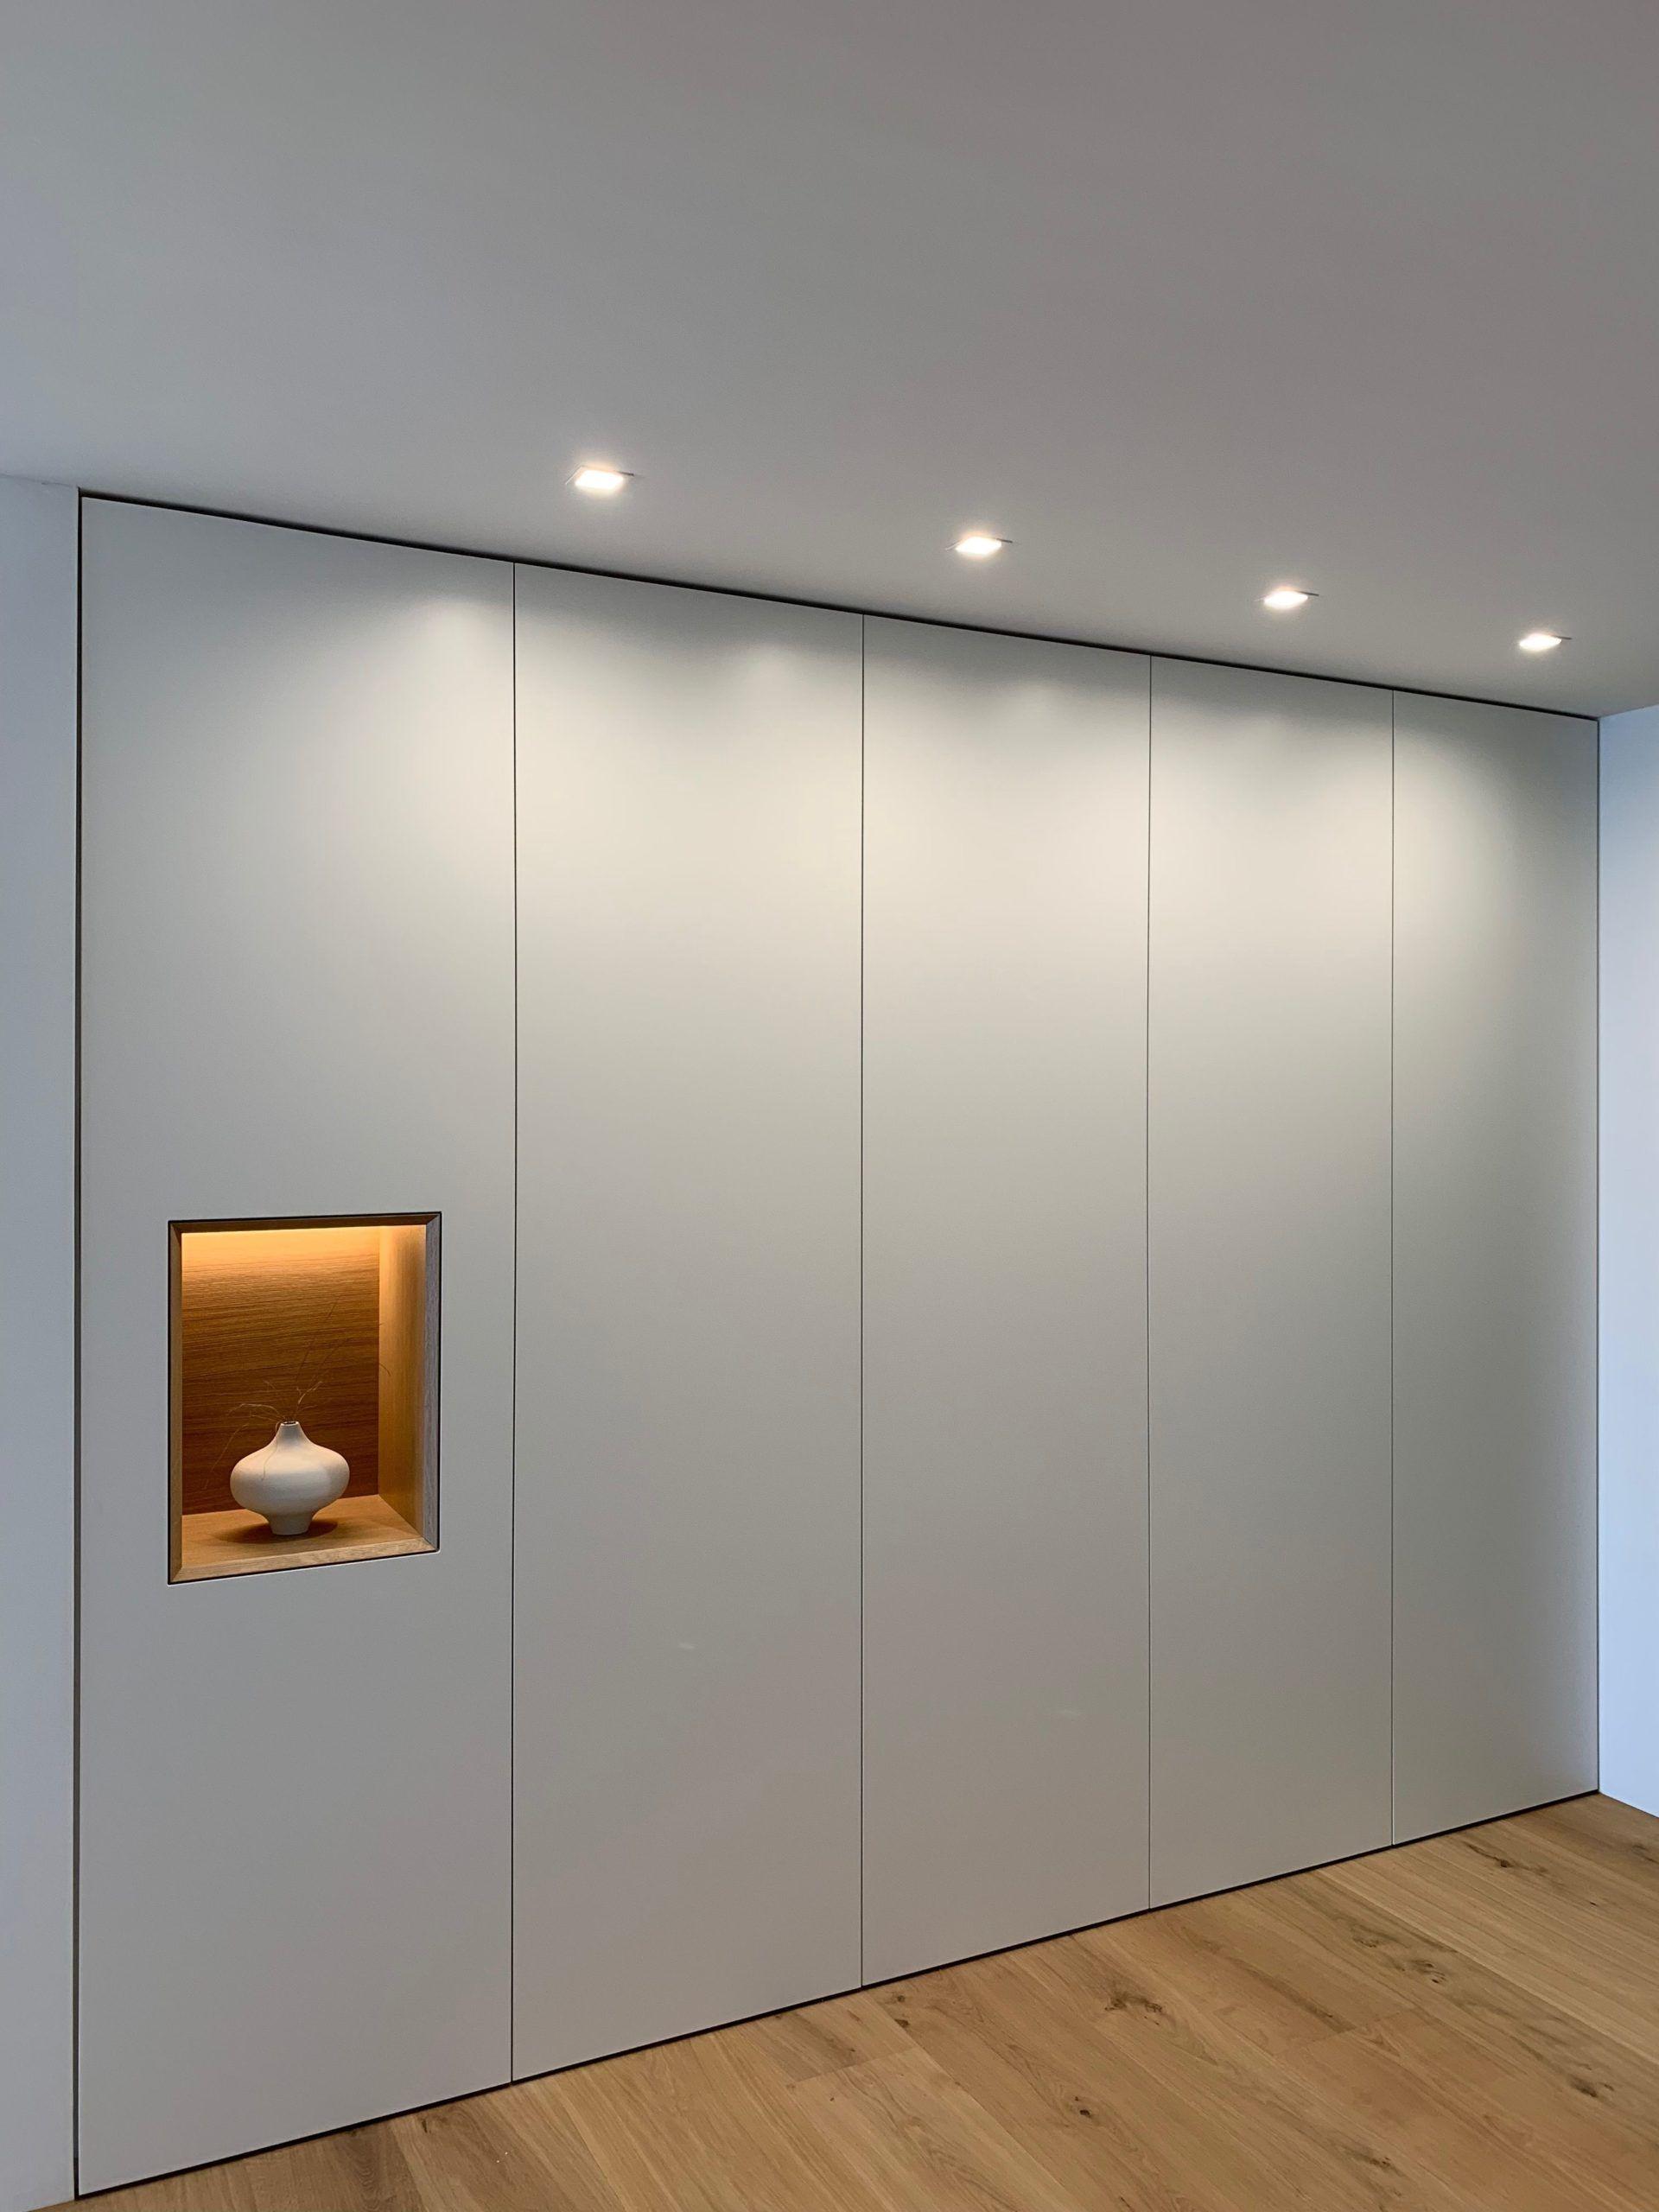 Umbau Innenarchitektur Privat by room42ch   Innenarchitektur, Garderoben eingangsbereich und ...